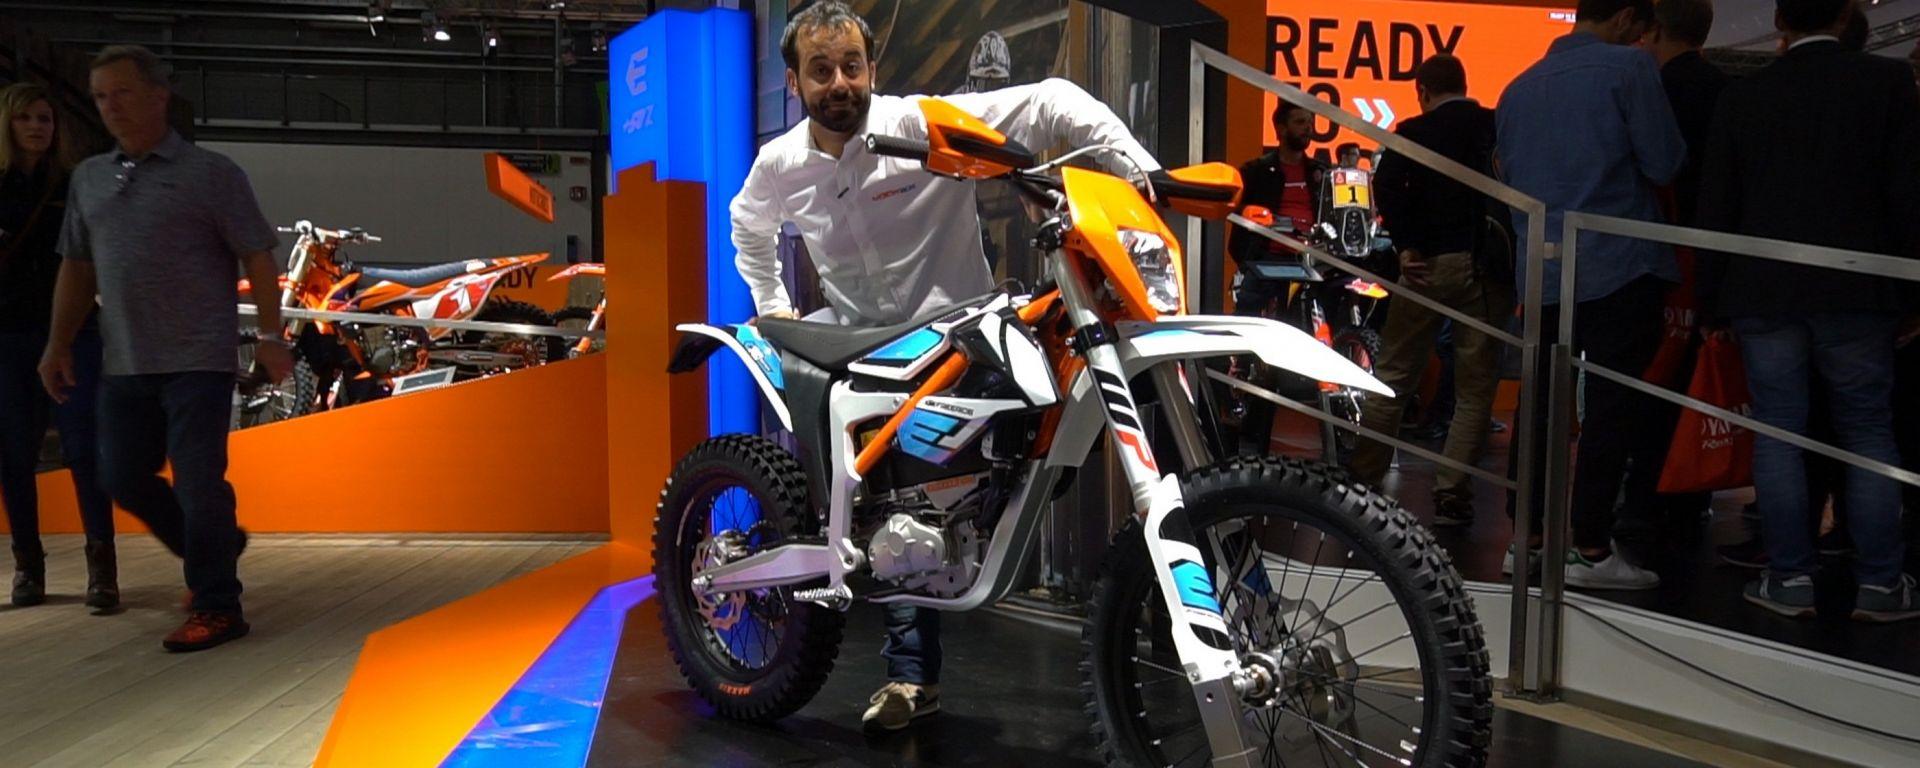 KTM Freeride E-XC 2018: nuove batterie per l'enduro elettrica [VIDEO]